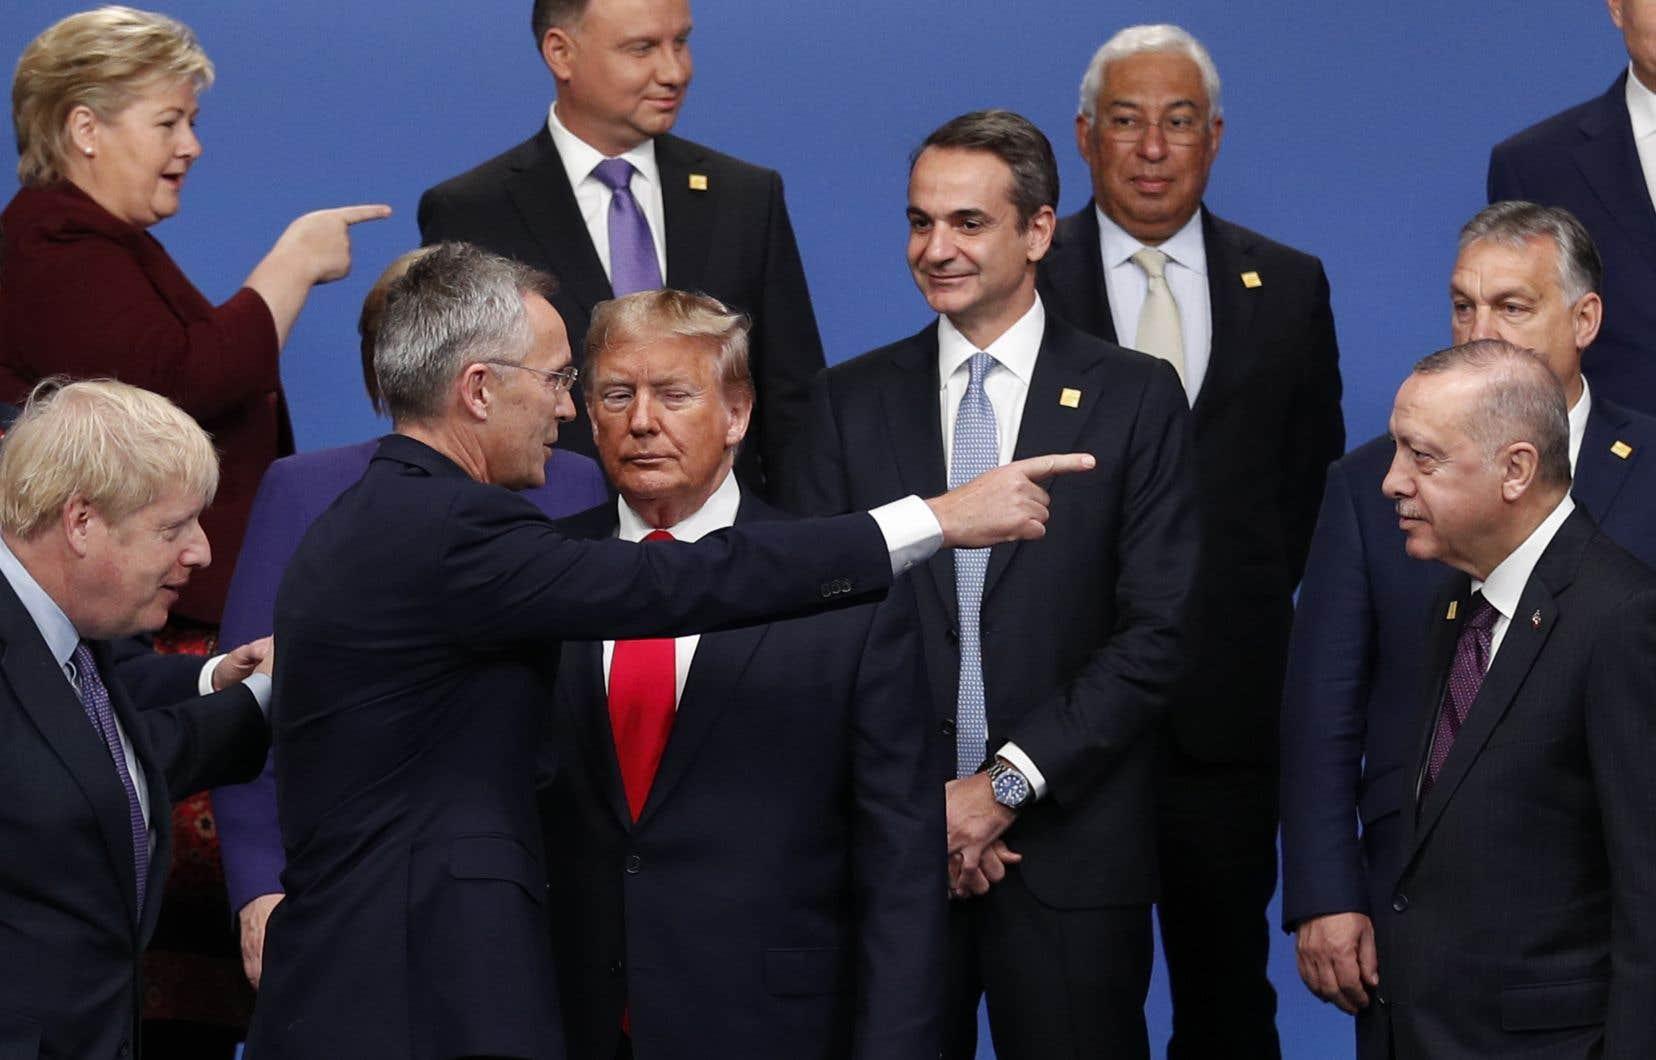 <p>«Nous sommes 29 pays différents des deux côtés de l'Atlantique. Bien sûr qu'il y a des différences. Le contraire serait très étrange. Mais la force de l'OTAN est que nous avons toujours été capables de surmonter ces différences. Nous prouvons aujourd'hui que l'OTAN fait des progrès sur le fond et que nous continuons à nous adapter et à réagir», a déclaréle secrétaire général de l'OTAN, Jens Stoltenberg.</p>